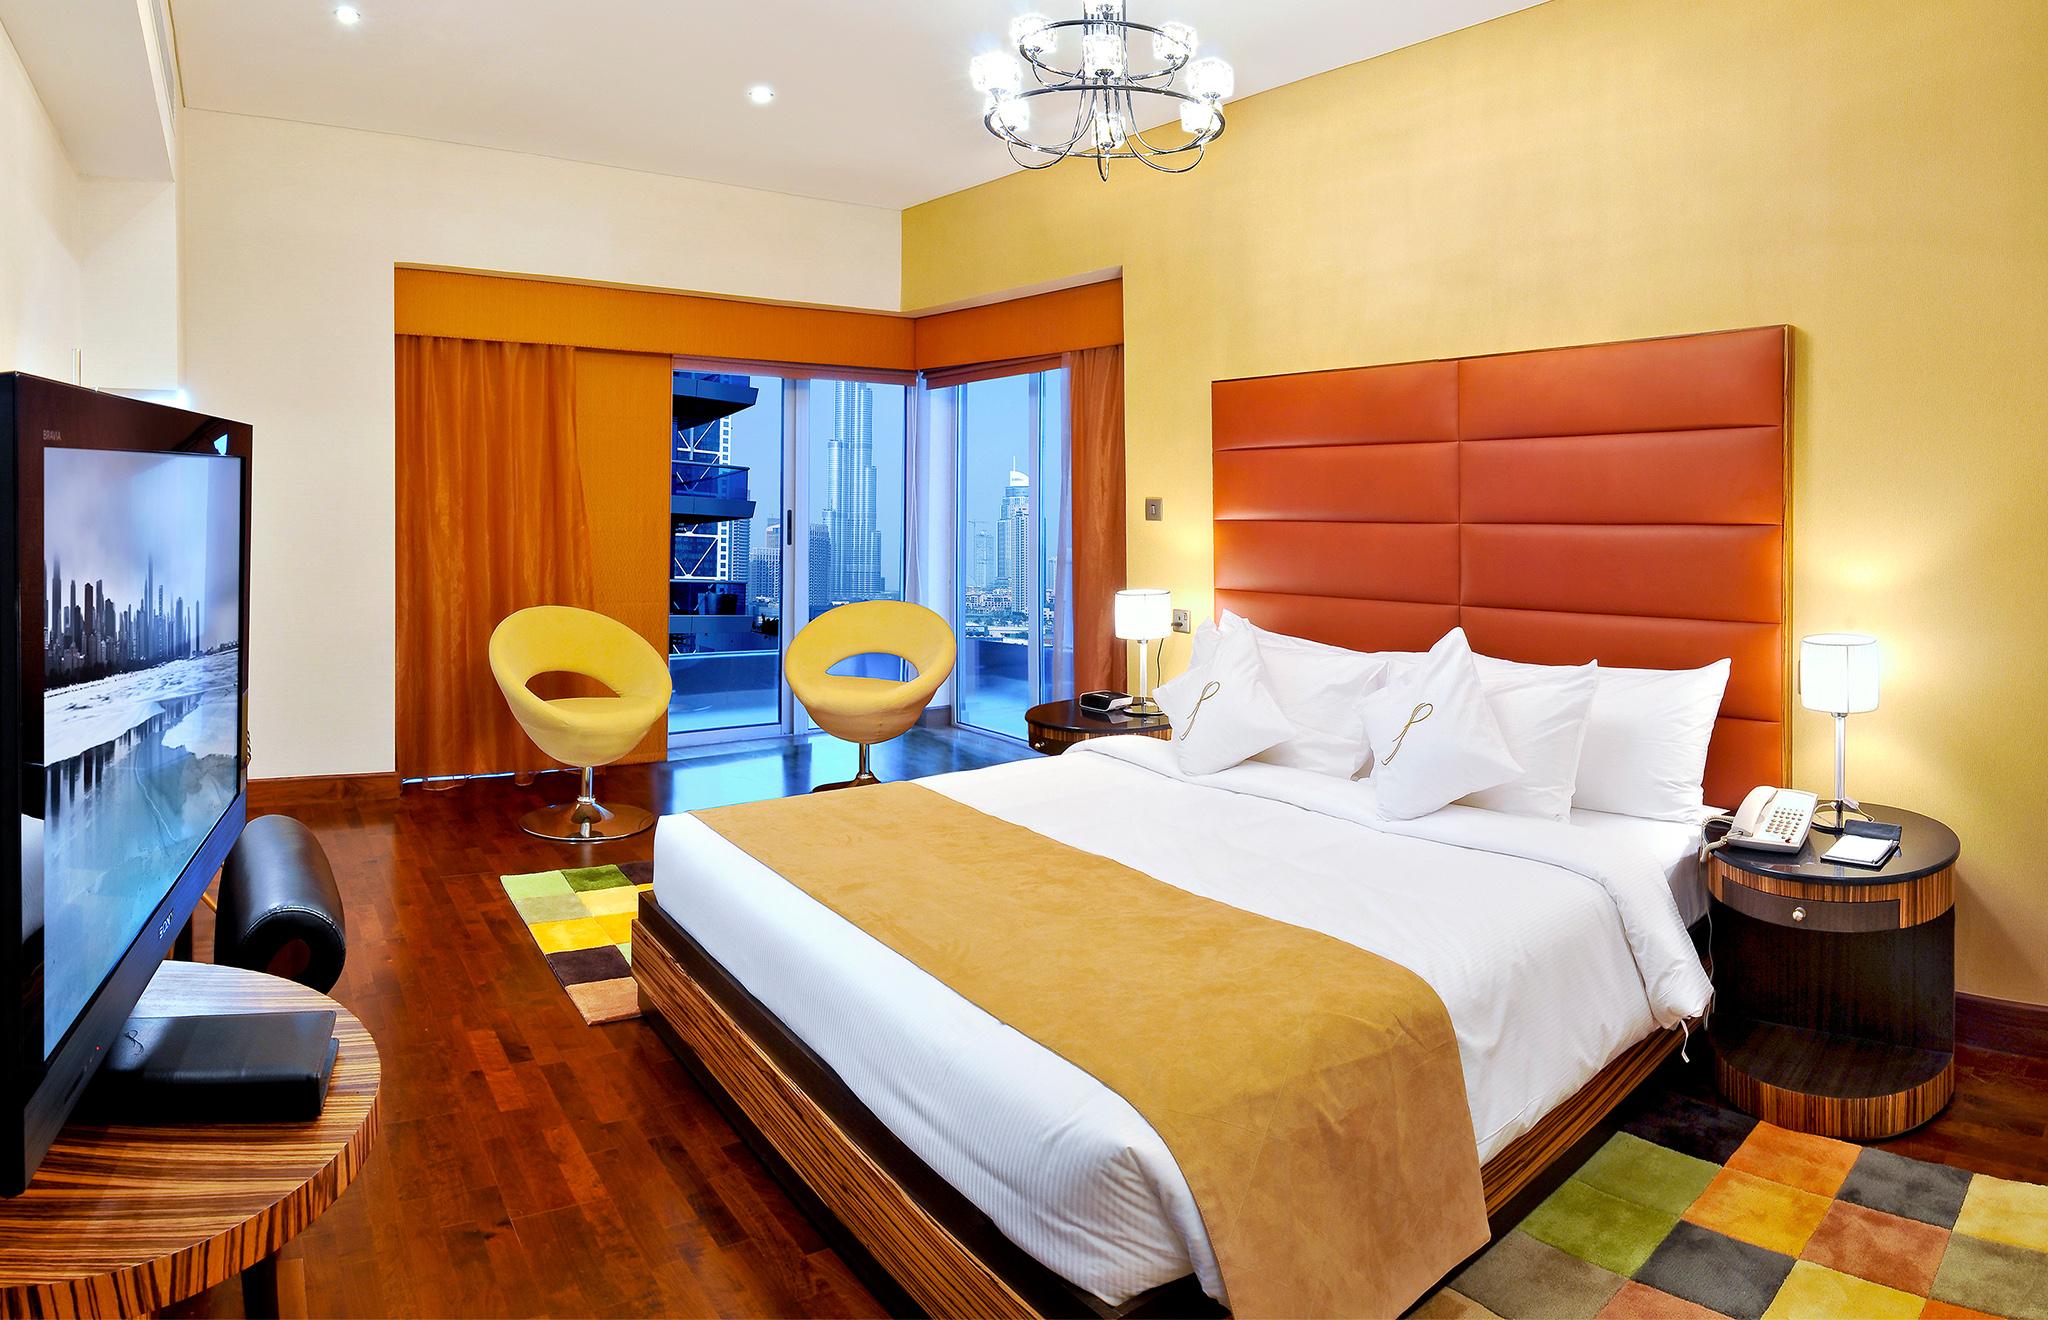 Image CPHA_2BR_Deluxe_Bedroom.jpg